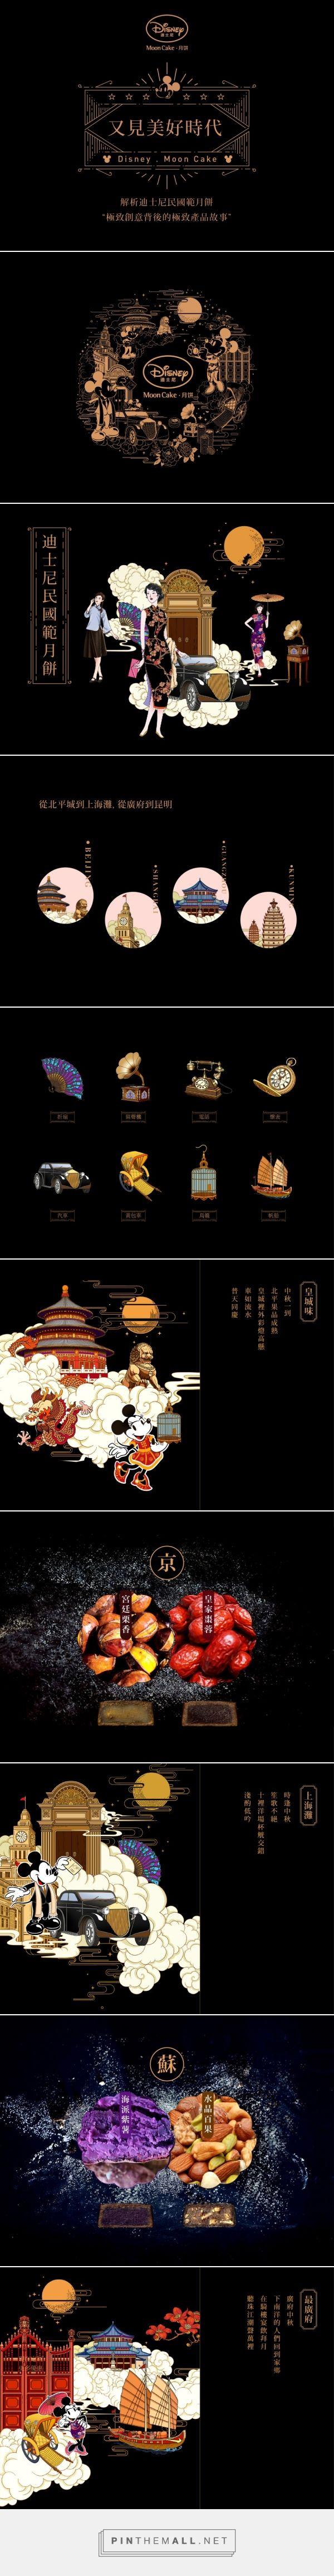 迪士尼民國範月餅 創意剖析|包装|平面|cxy137 - 原创设计作品 - 站酷 (ZCOOL) - created via https://pinthemall.net